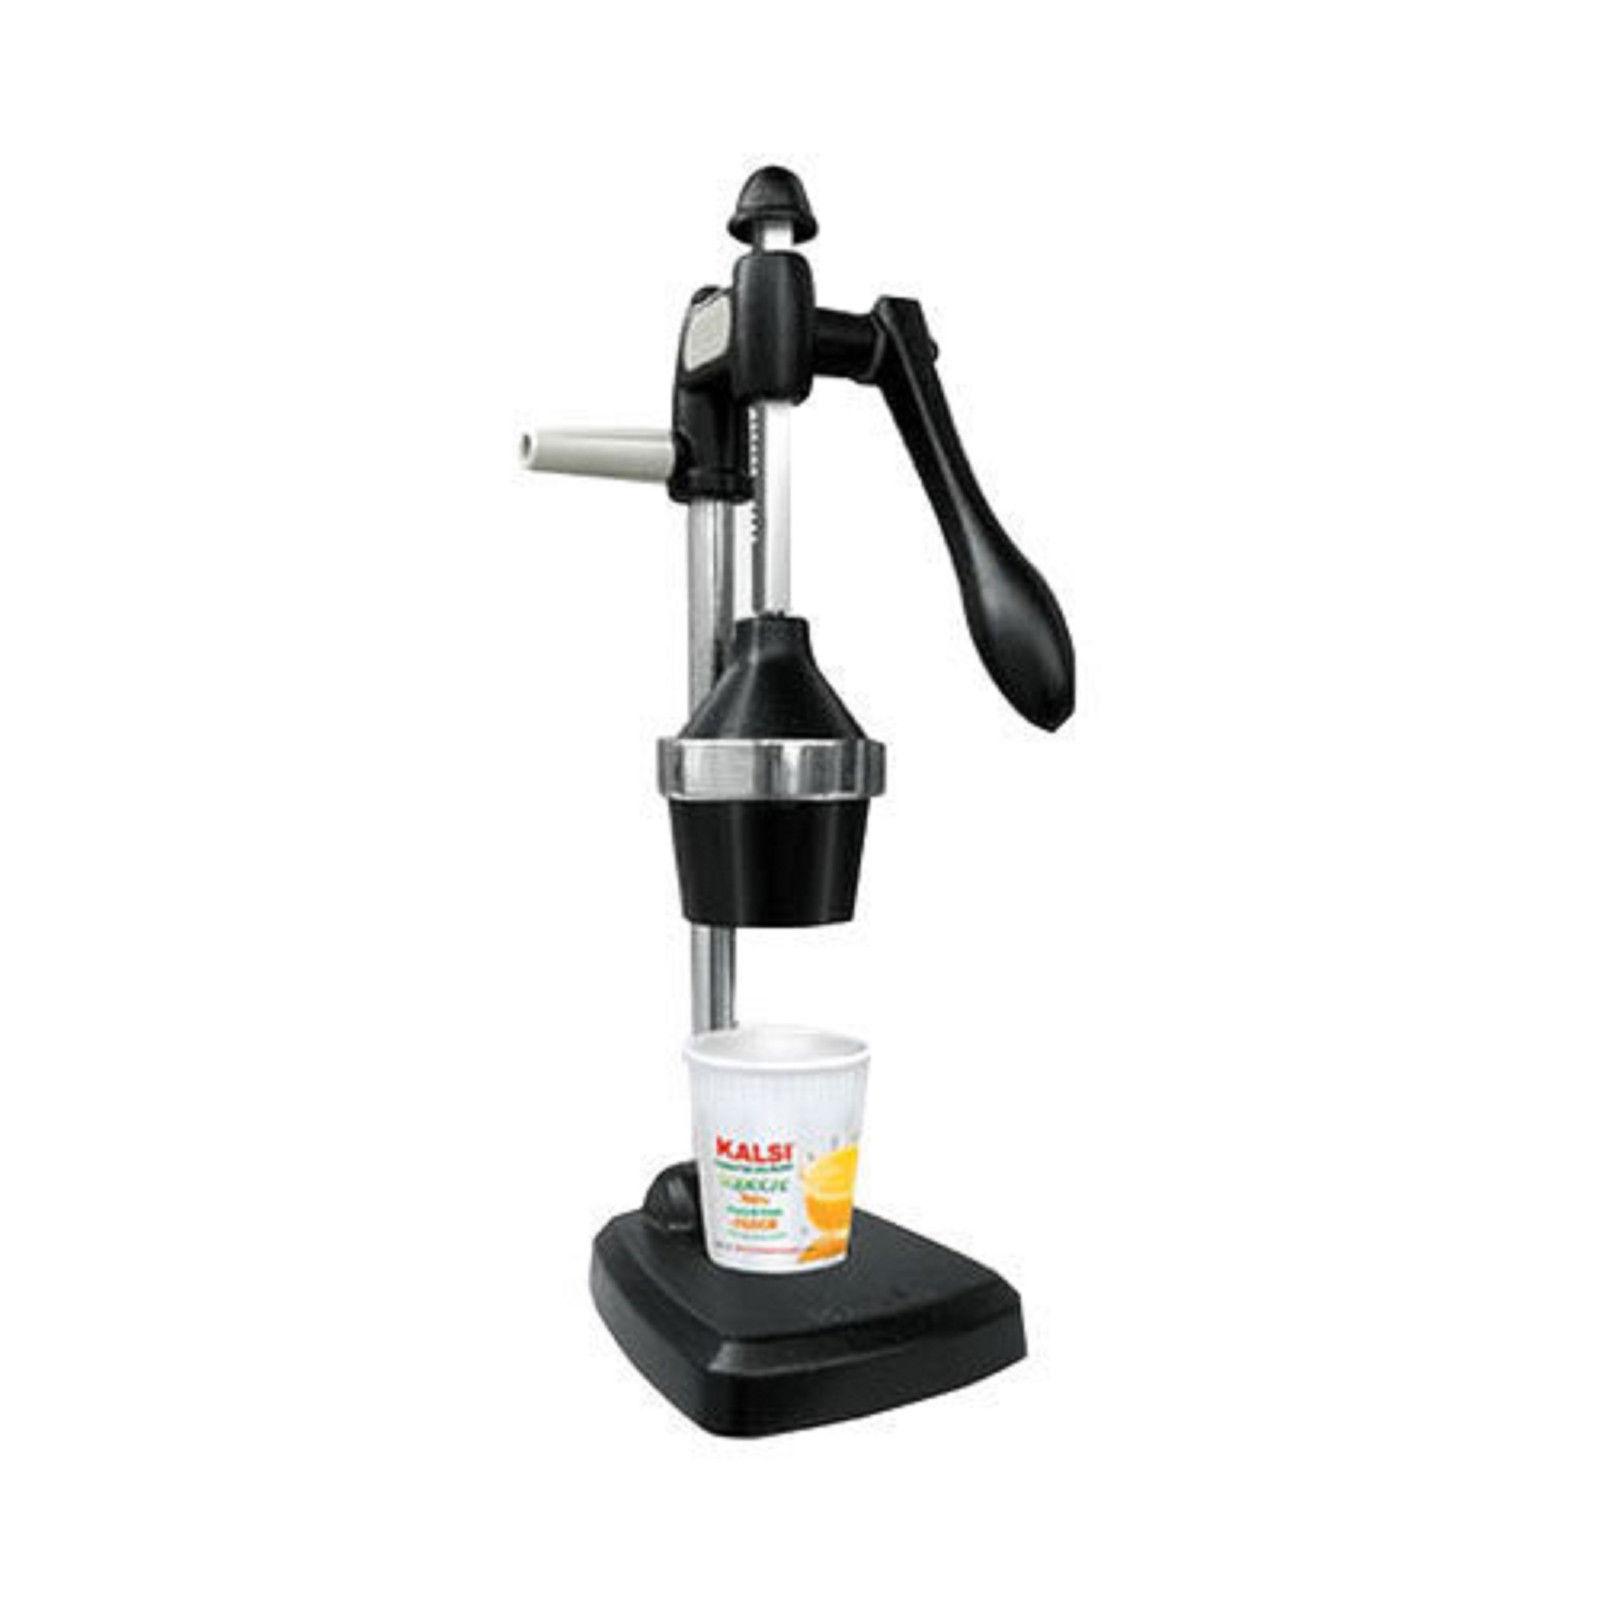 Kalsi Manual Juicer Presse à main Orange, grenade presse agrume aucun électrique